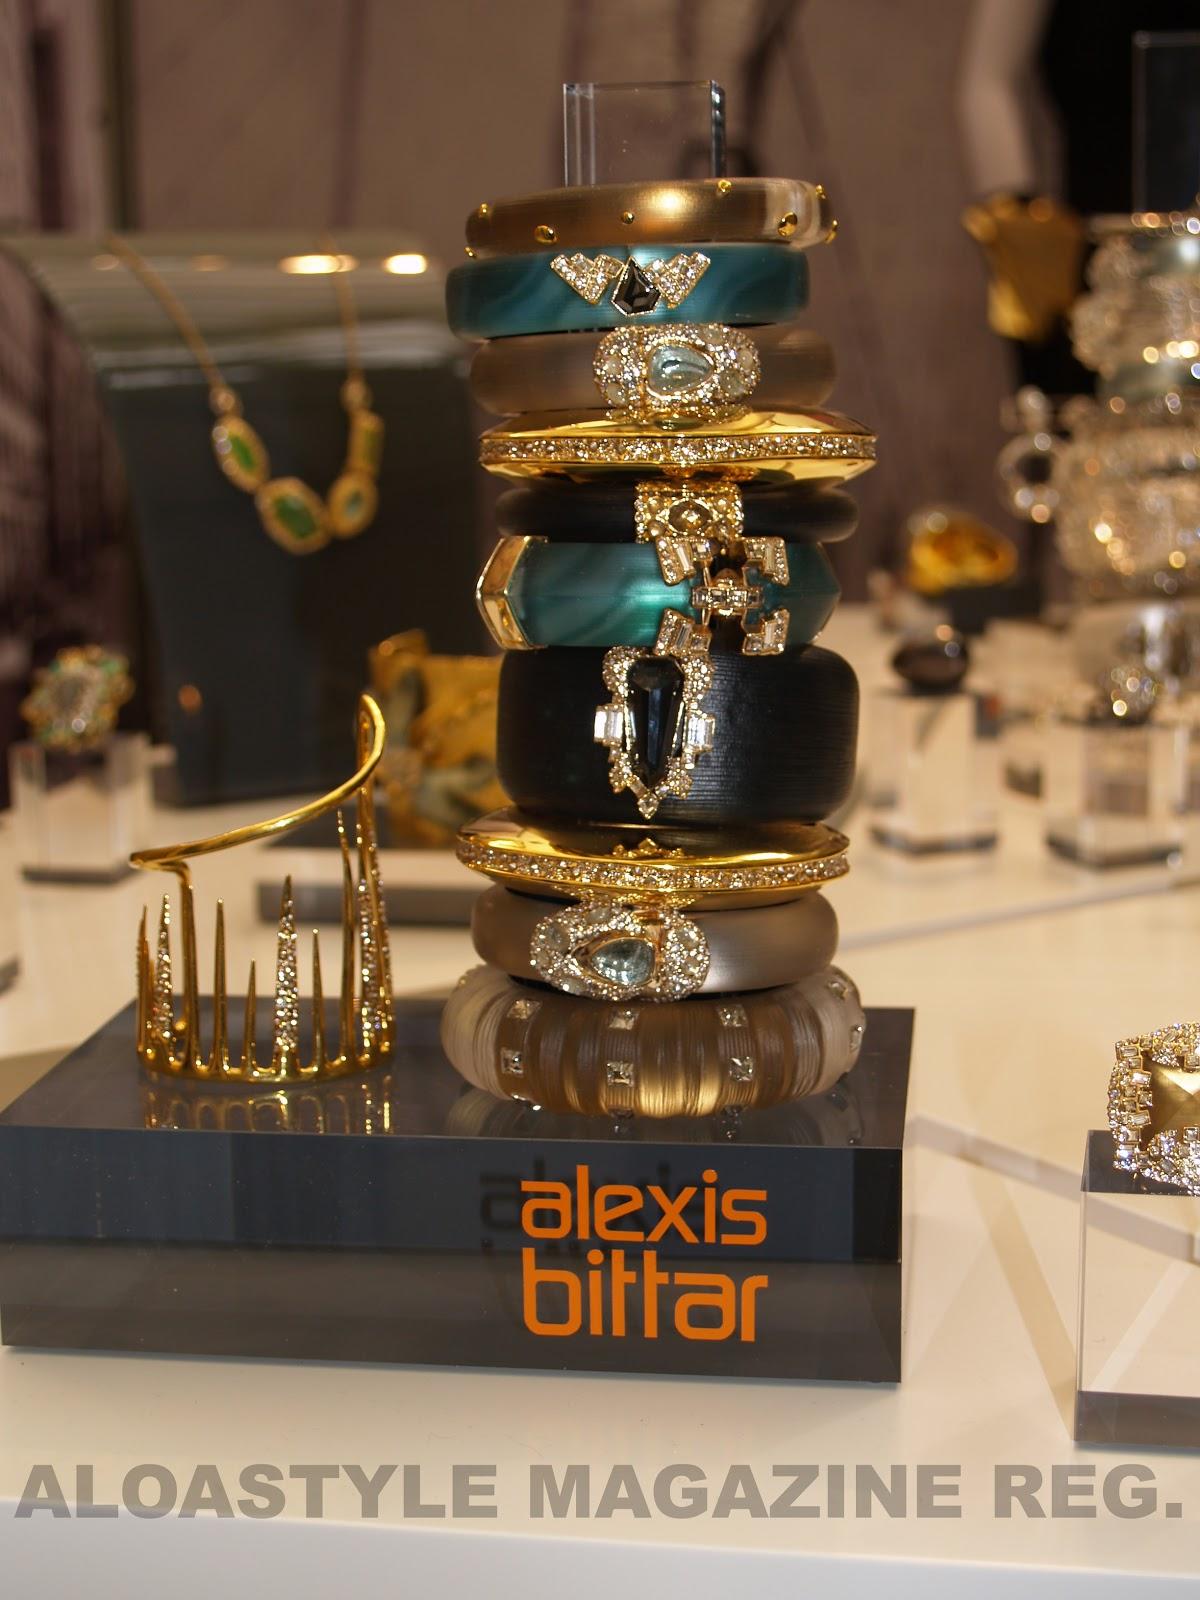 http://2.bp.blogspot.com/-DlQopzuIdyc/UIlXmp6BDDI/AAAAAAAAFoU/VINk3Vzmopw/s1600/ALEXIS+BITTAR.jpg